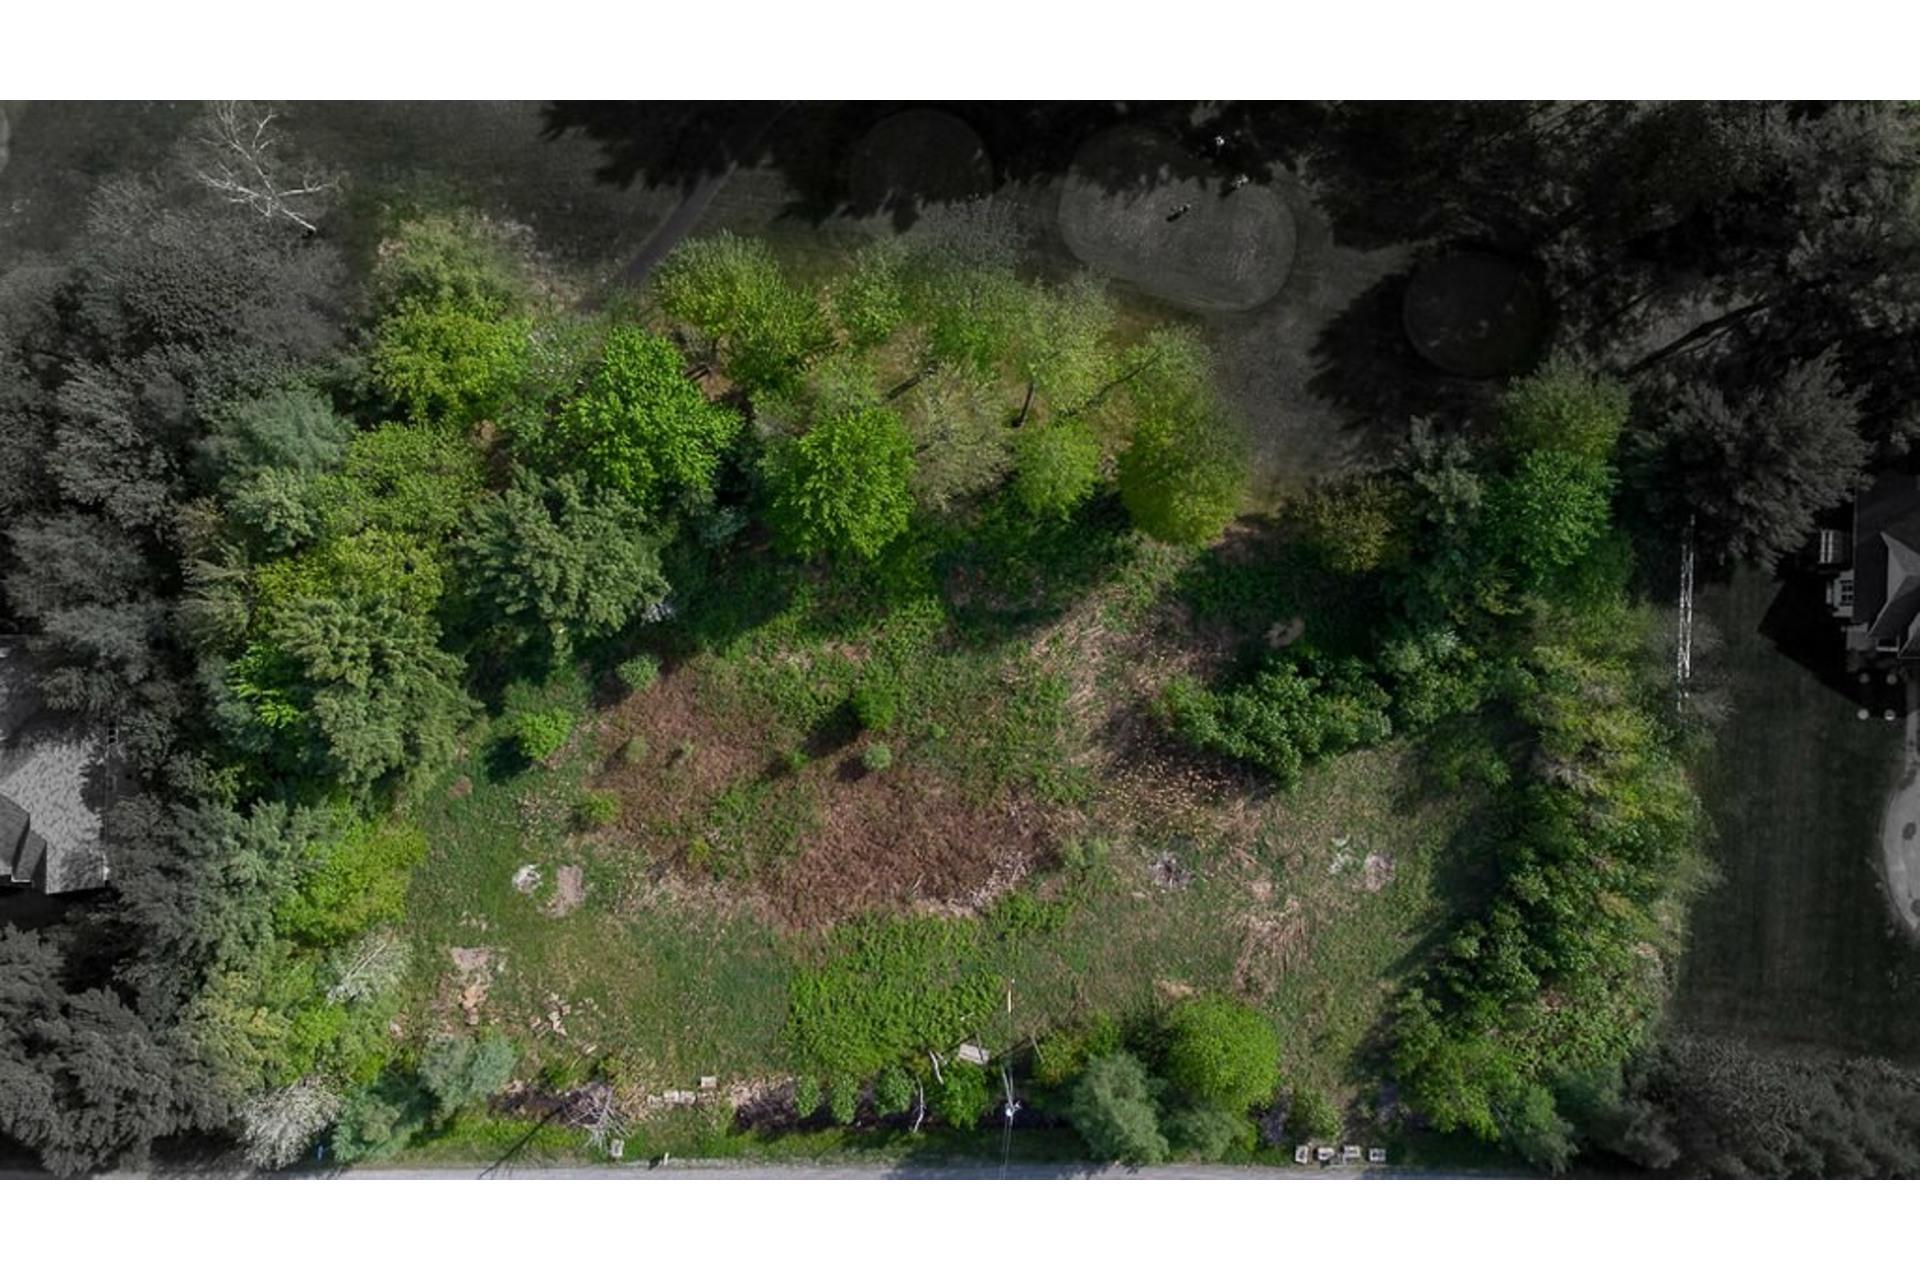 image 11 - Land For sale Sainte-Anne-des-Plaines